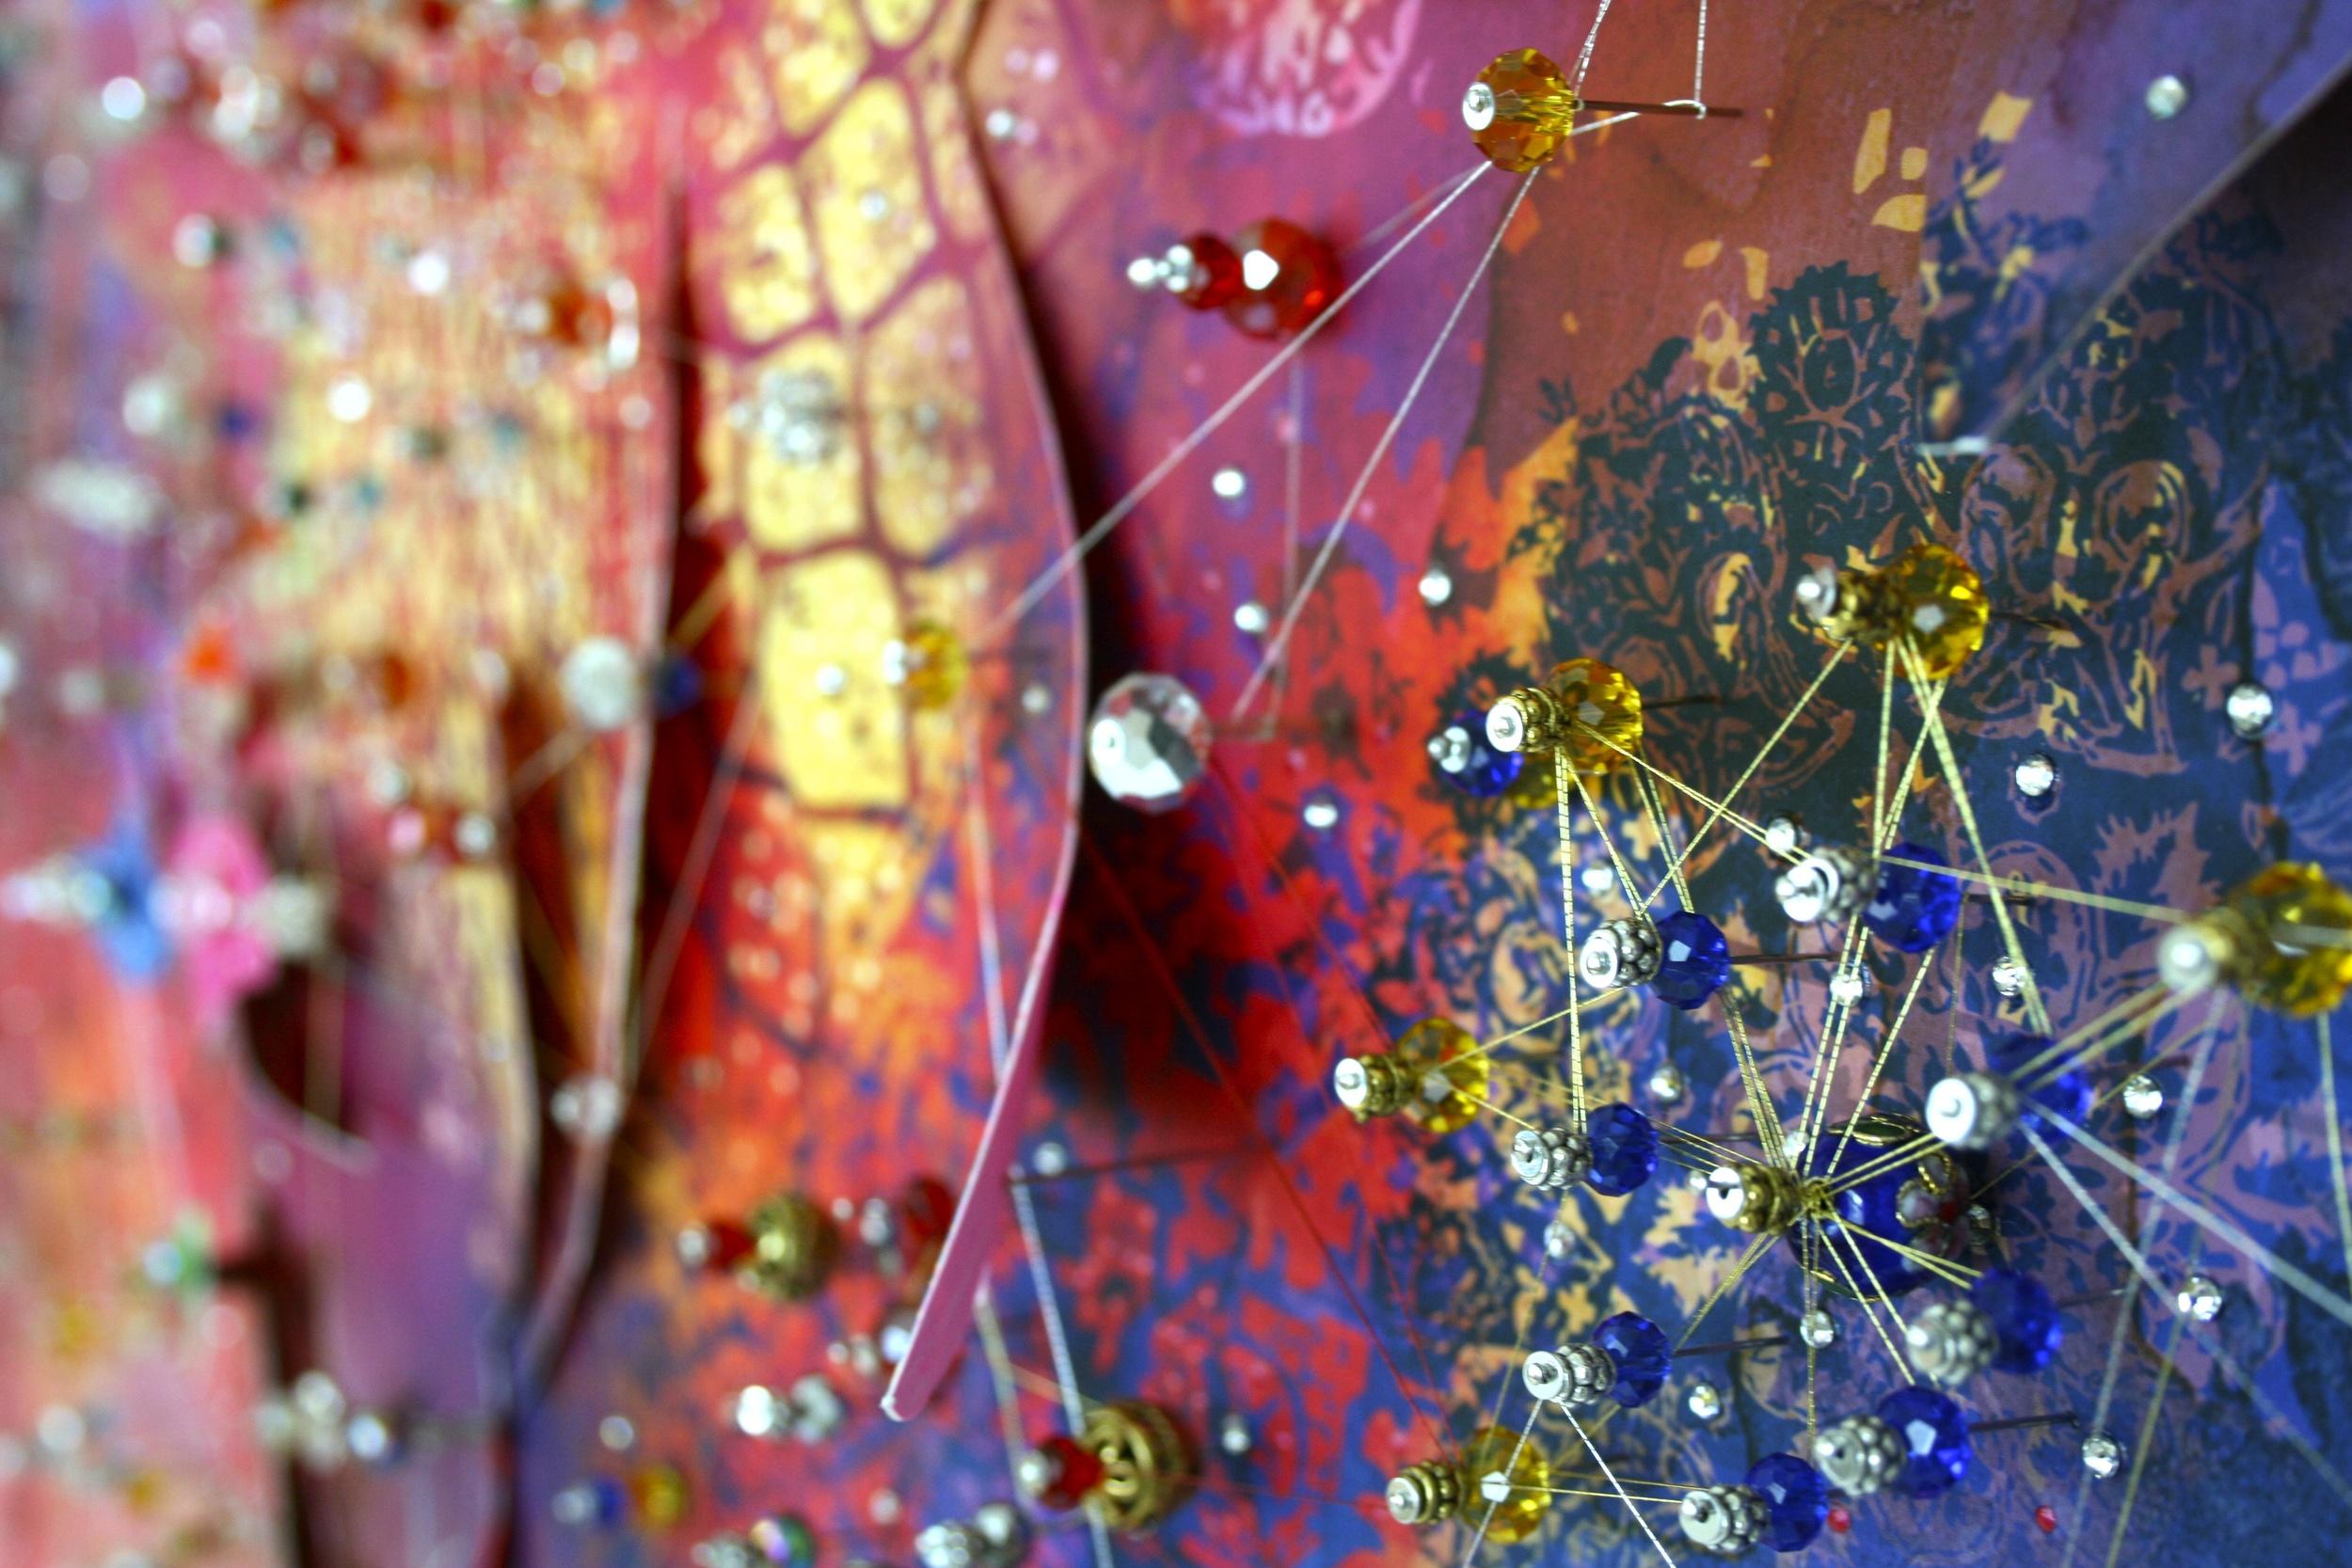 Detail from Metamorphosis